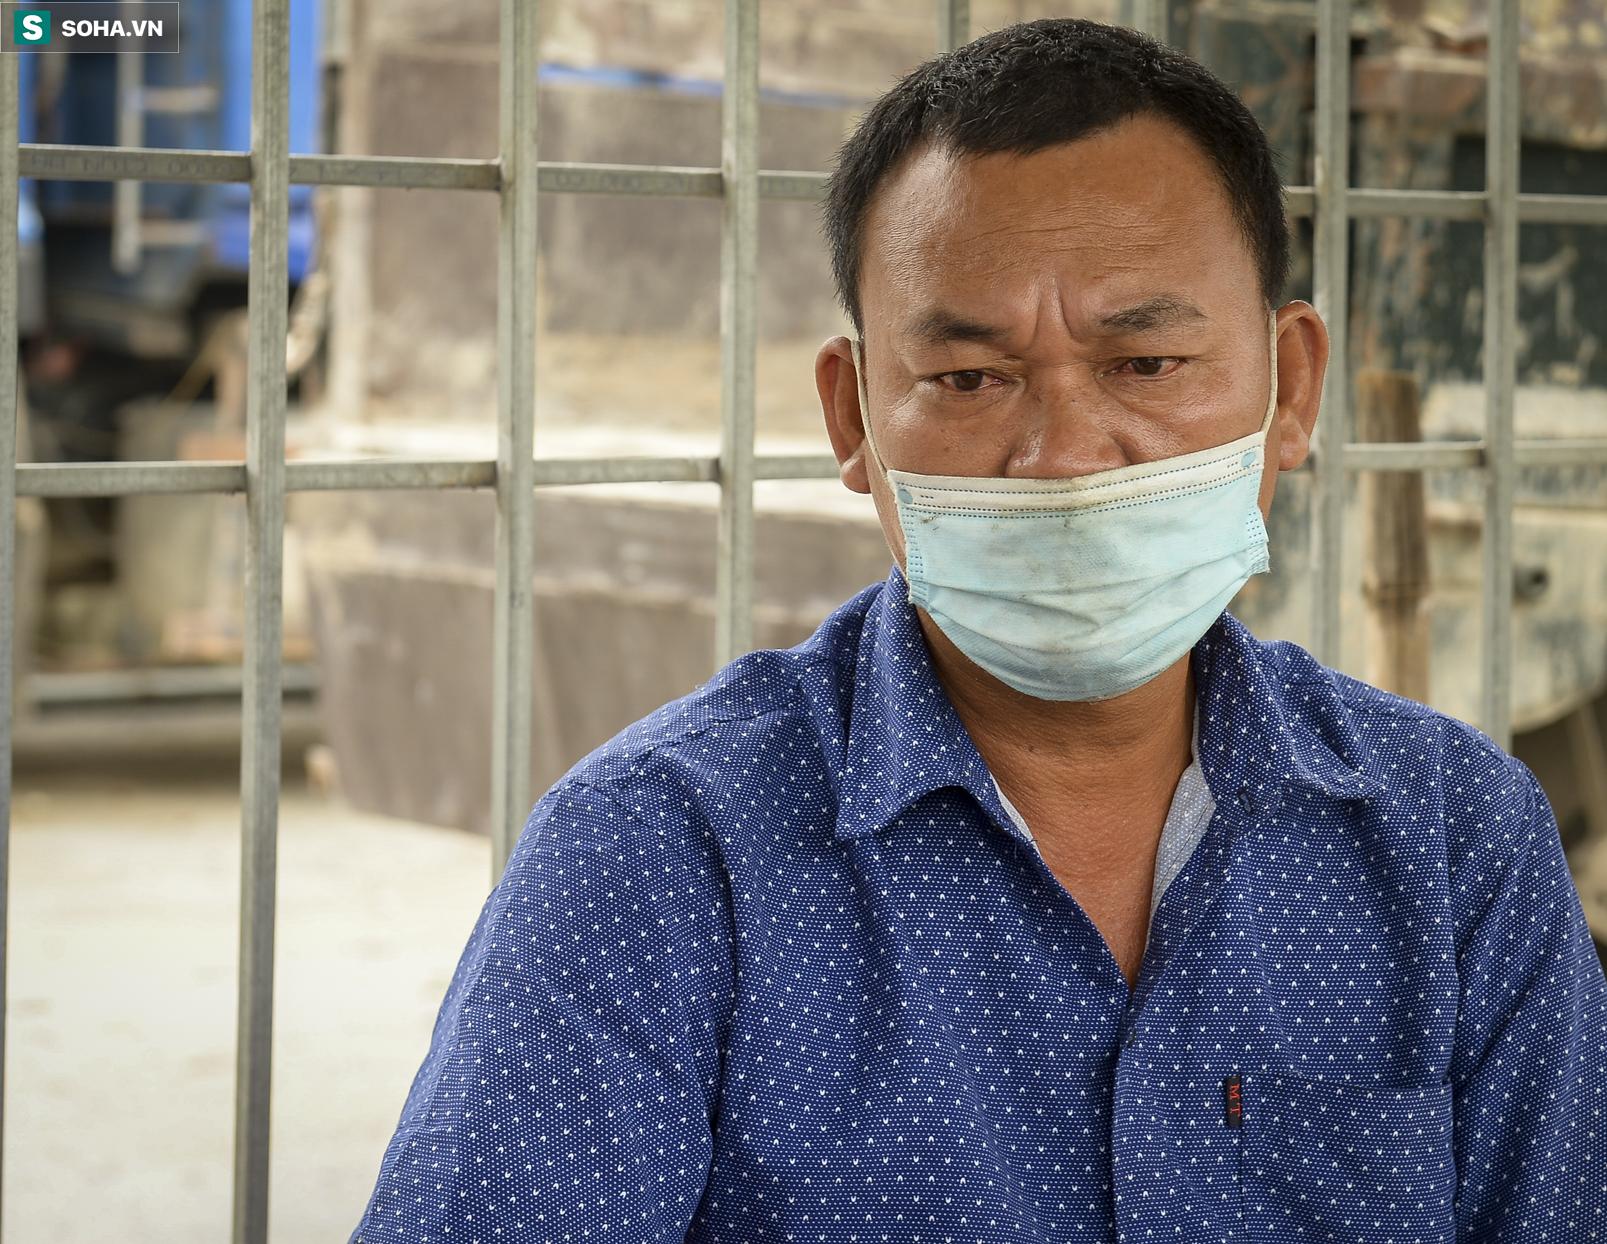 Đi xe máy hơn 1.500km ra Hà Nội, 2 bố con ăn ngủ tại chốt Cầu Giẽ chờ người đưa đi cách ly - Ảnh 10.